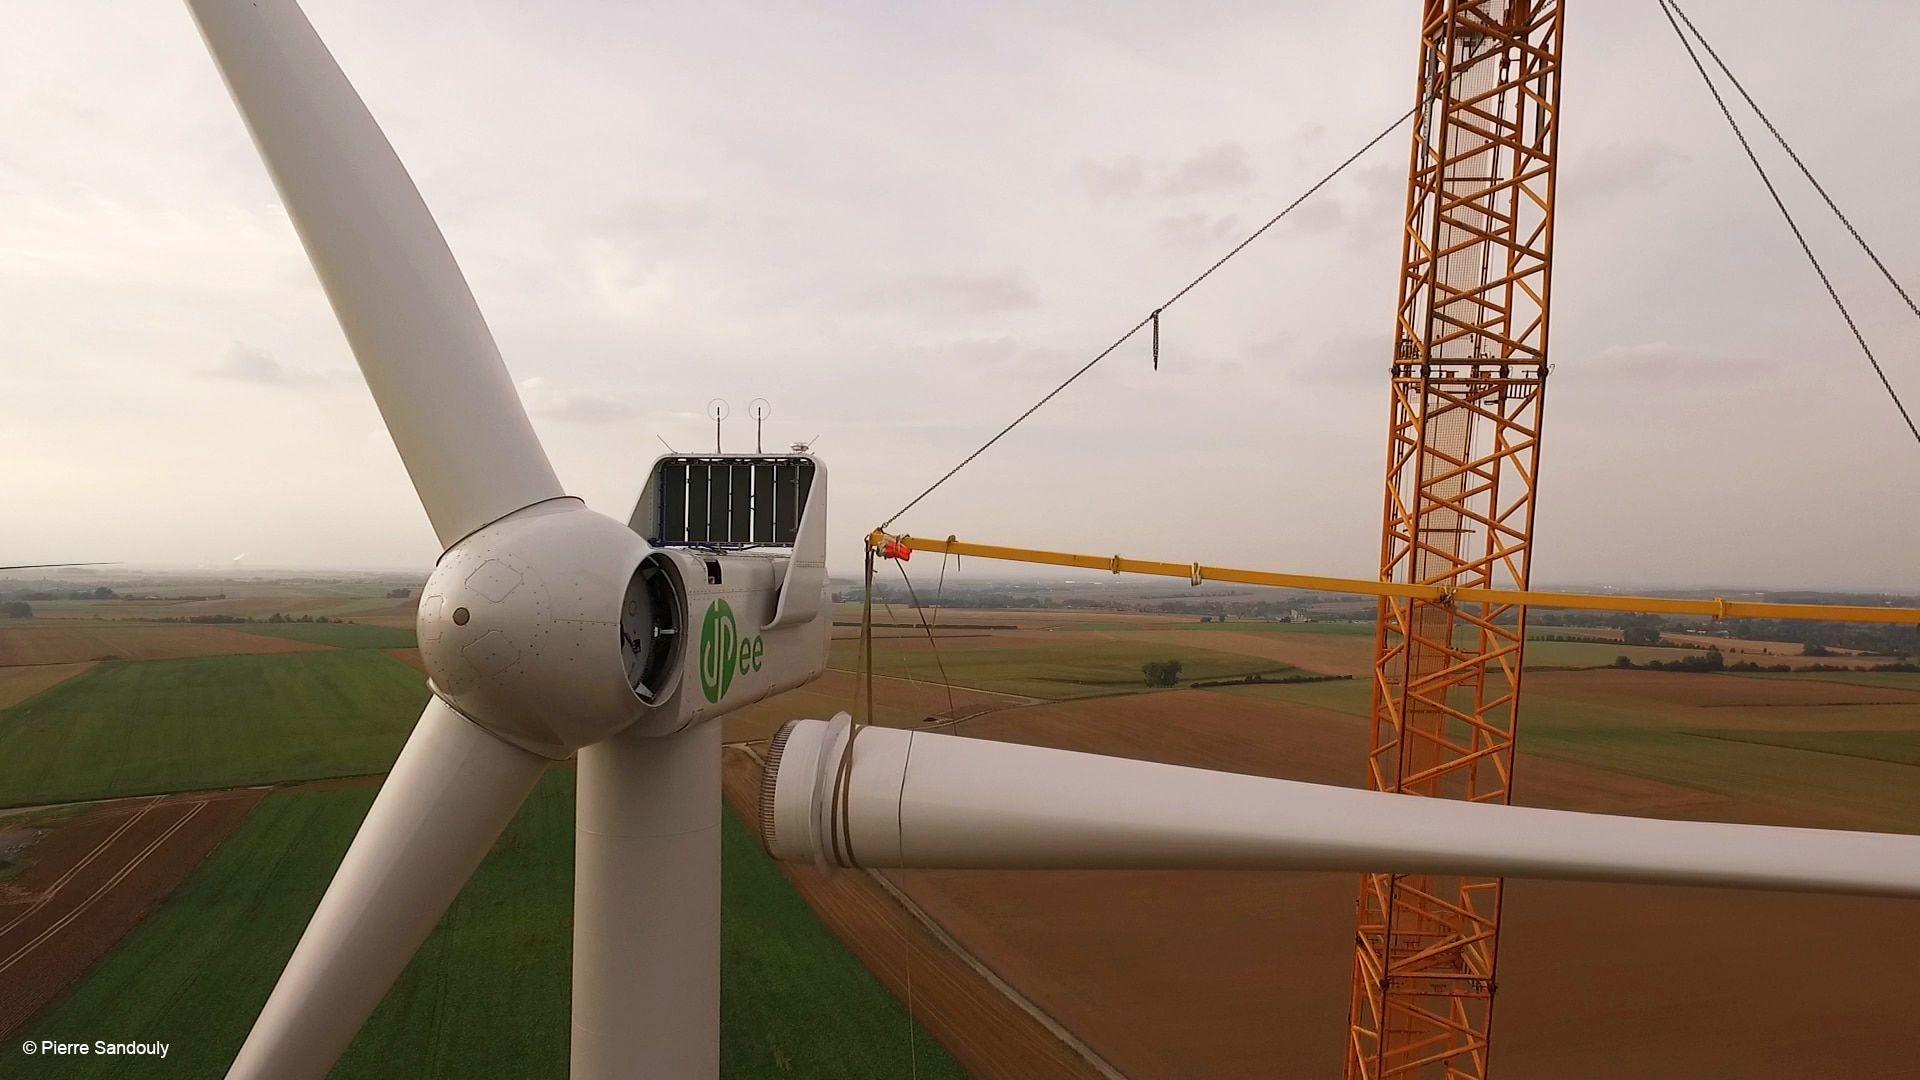 Les dessous d'une éolienne : comment se prépare un chantier avant l'arrivée des éoliennes ?